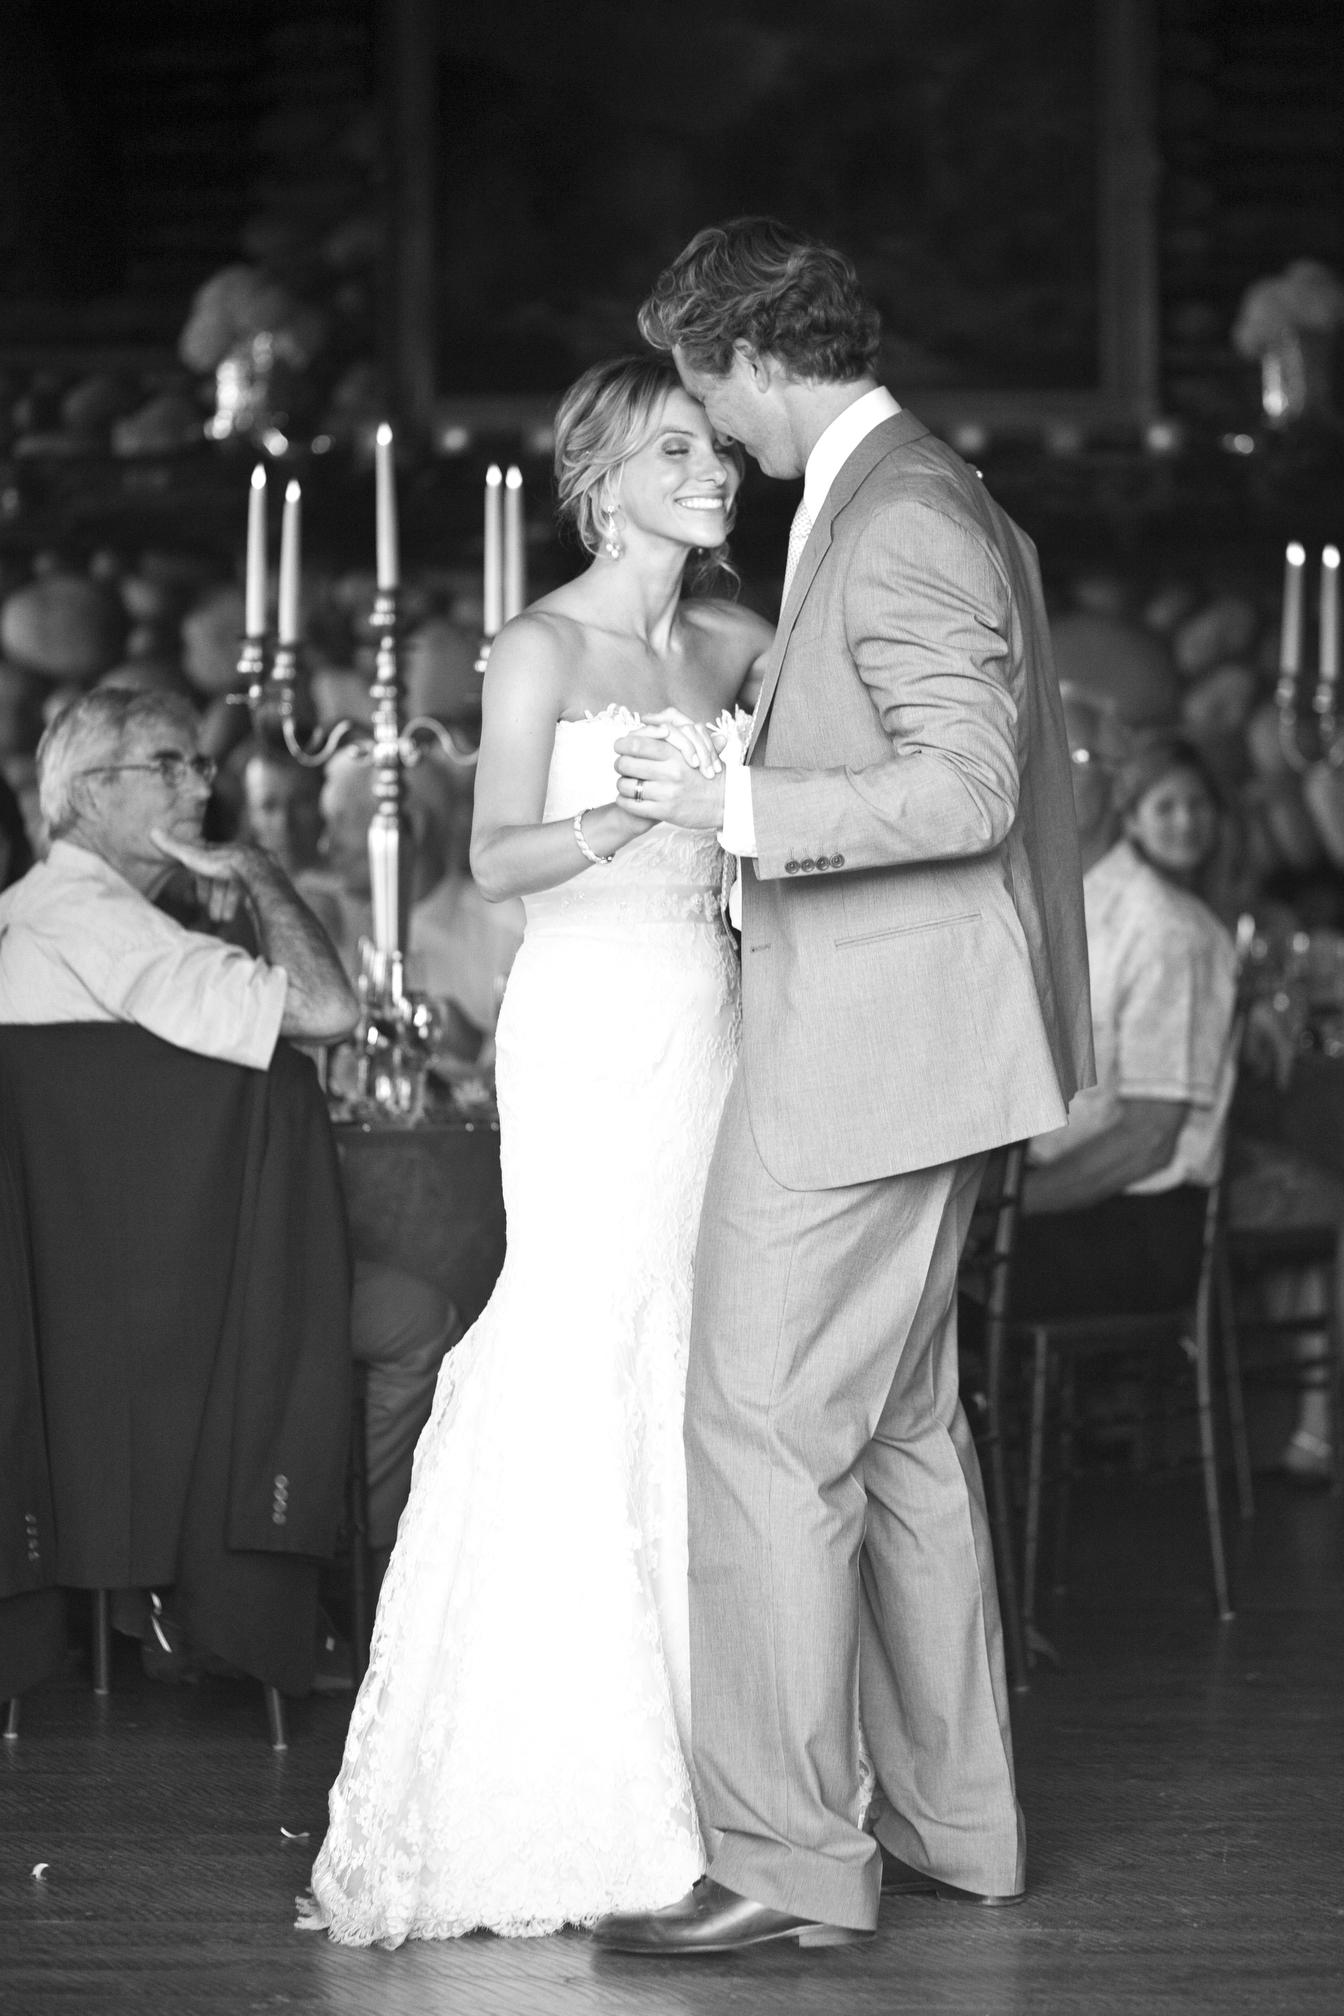 Turner Jackson Hole Wedding 2011_1622.JPG